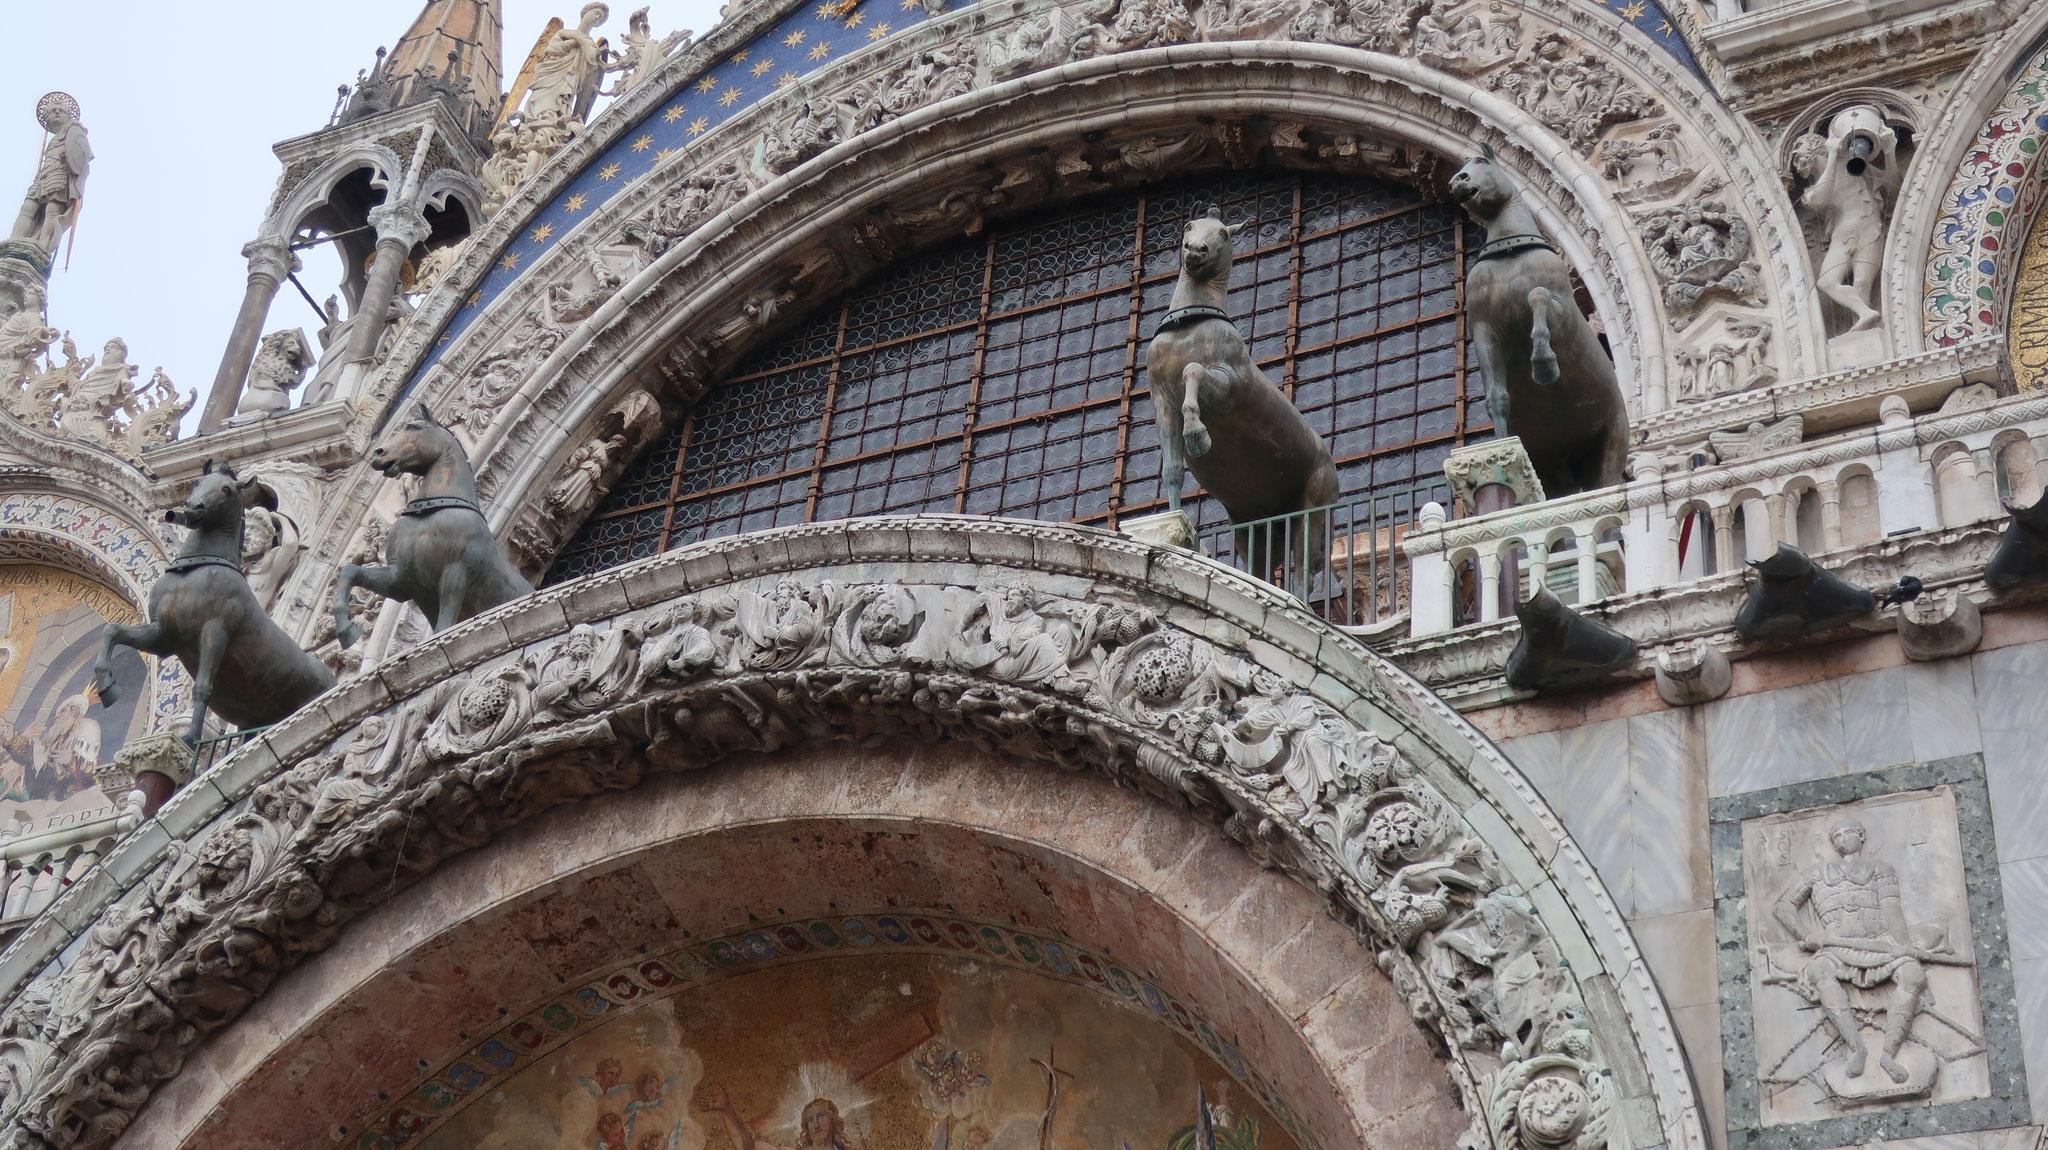 ブロンズ製の4頭の馬。紀元前4世紀、ギリシャの聖地デルフィの神殿に奉納品として送られた物。700年後、コンスタンティヌス大帝が東ローマ帝国(ビザンツ帝国)の新しい都コンスタンティノープル(現在のイスタンブール)に持ち去りました。さらに、900年後の13世紀、ヴェネツィア総督ダンドロが率いる第四回十字軍がビザンツ帝国を倒し、コンスタンティノープルを占領した際の戦利品として、ヴェネツィアに持ち帰りました。